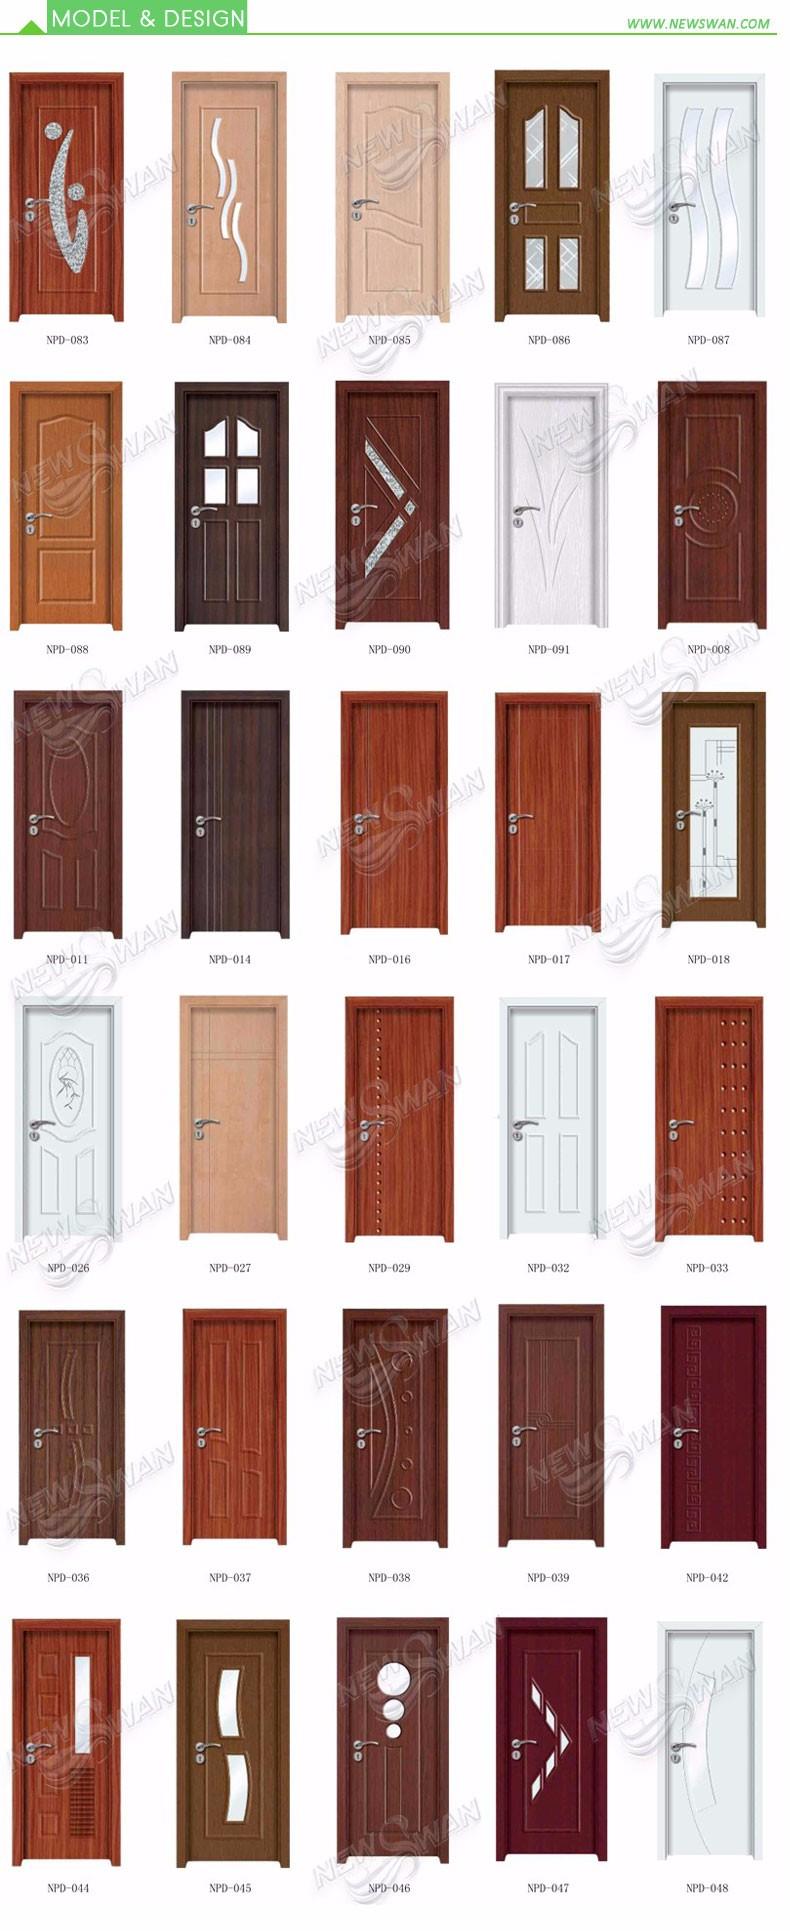 Modern Pvc Door Wooden Pvc Doors Design Pvc Bathroom